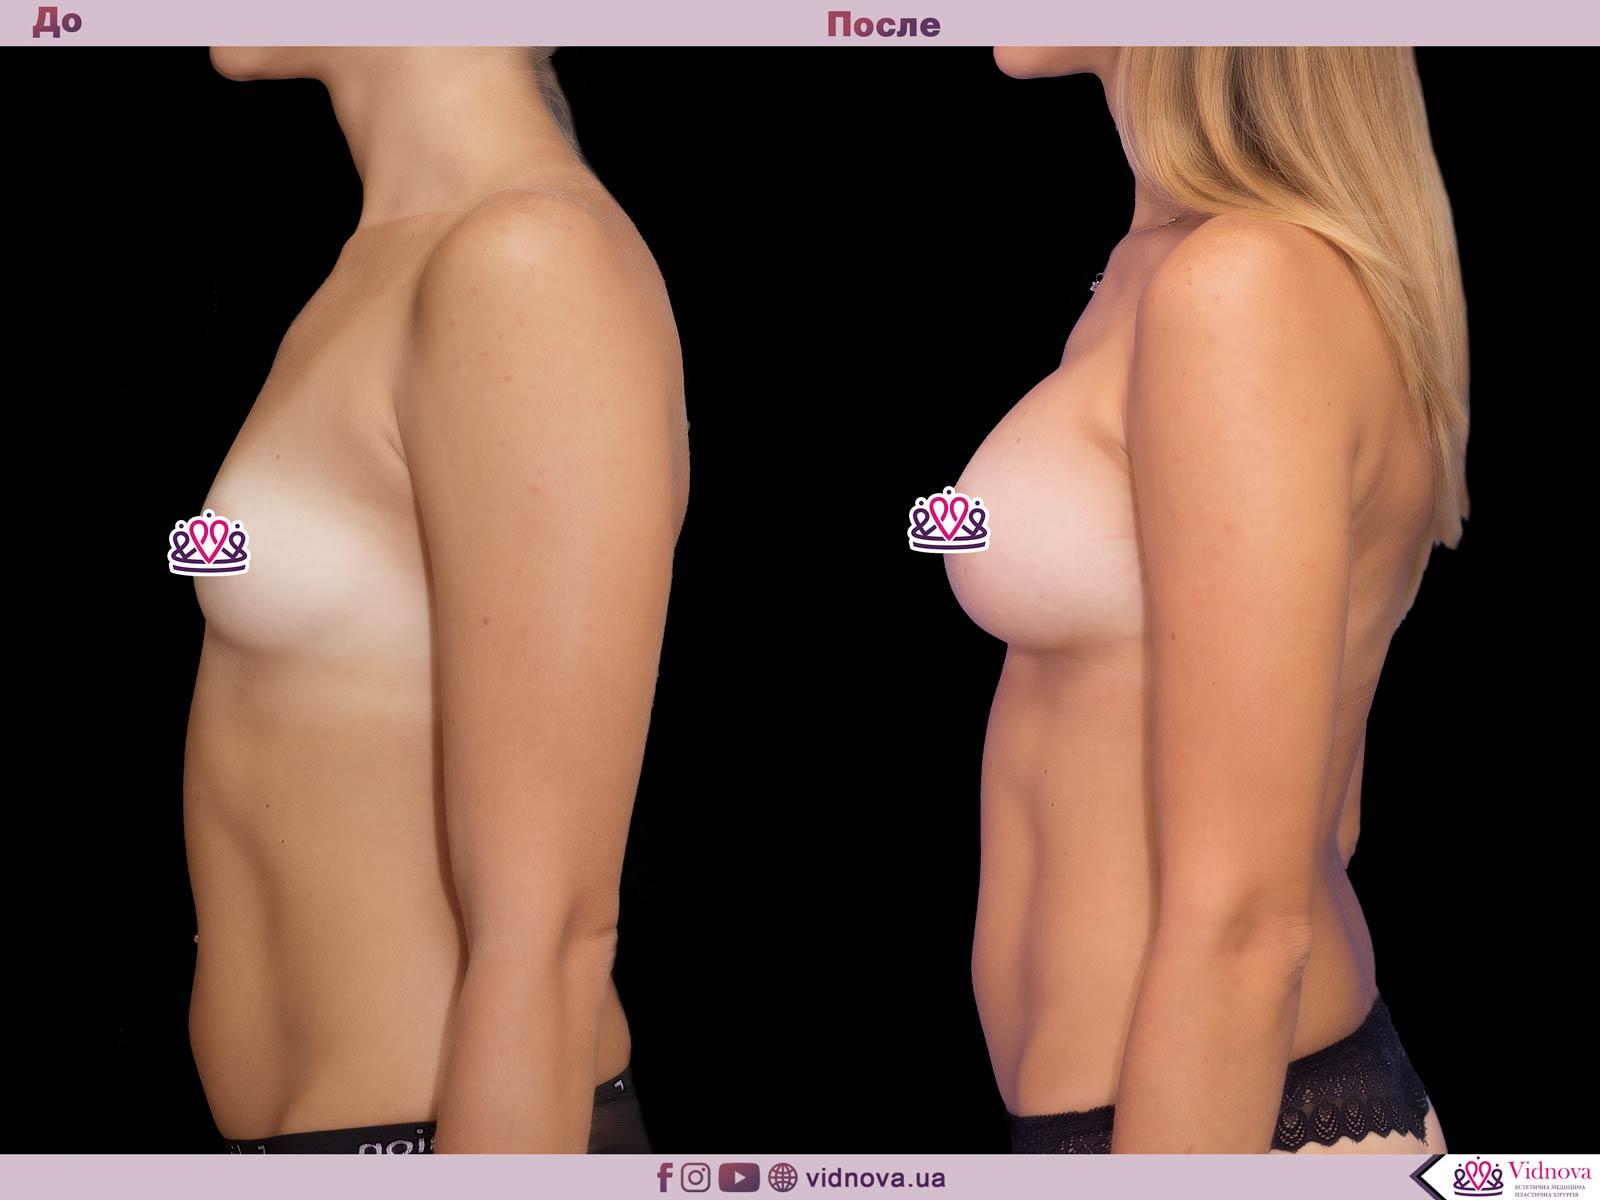 Пластика груди: результаты до и после - Пример №53-2 - Светлана Работенко